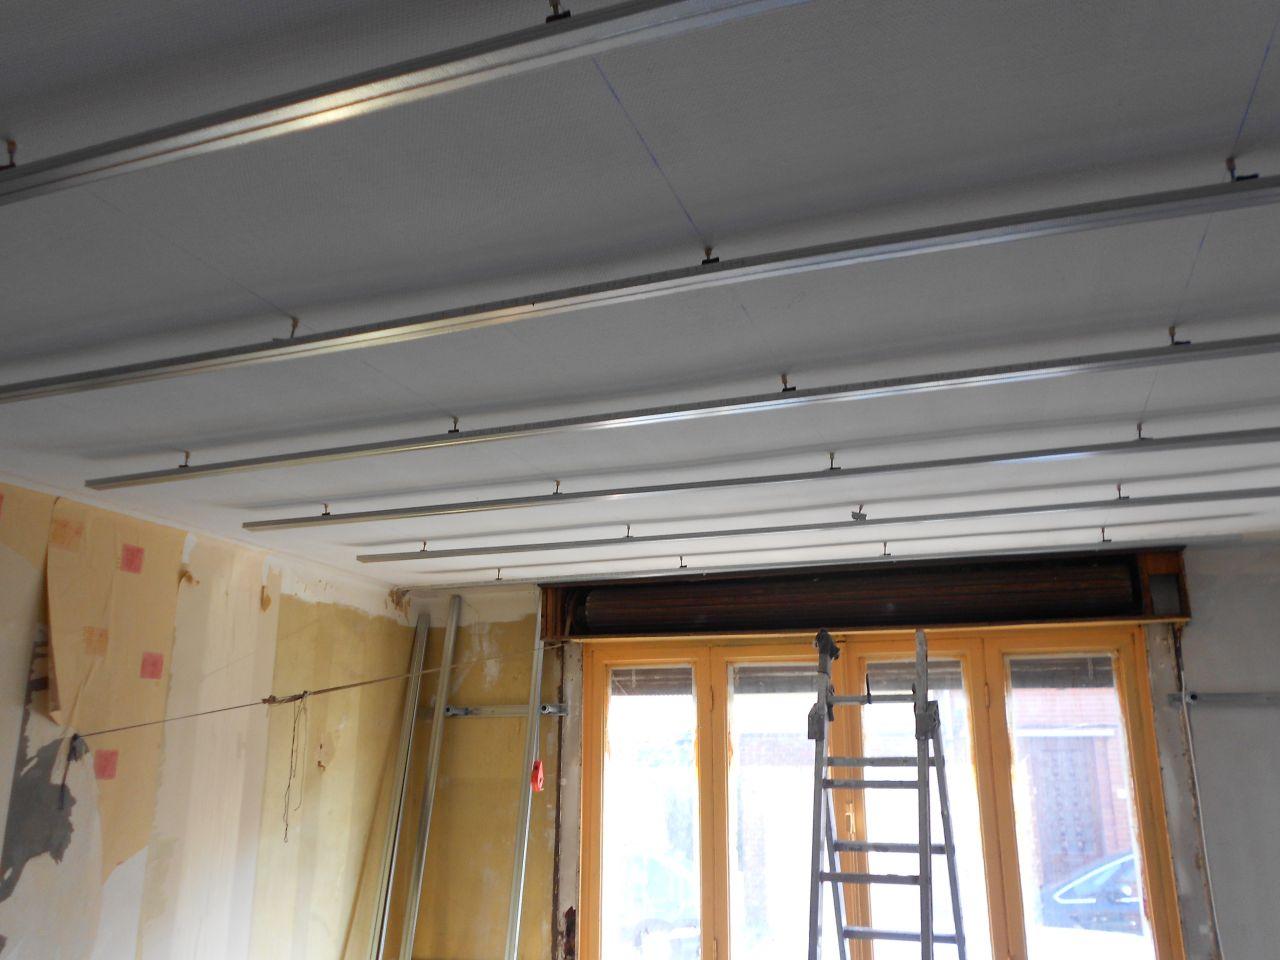 Cloison et faux plafond 9 messages for Fixation faux plafond